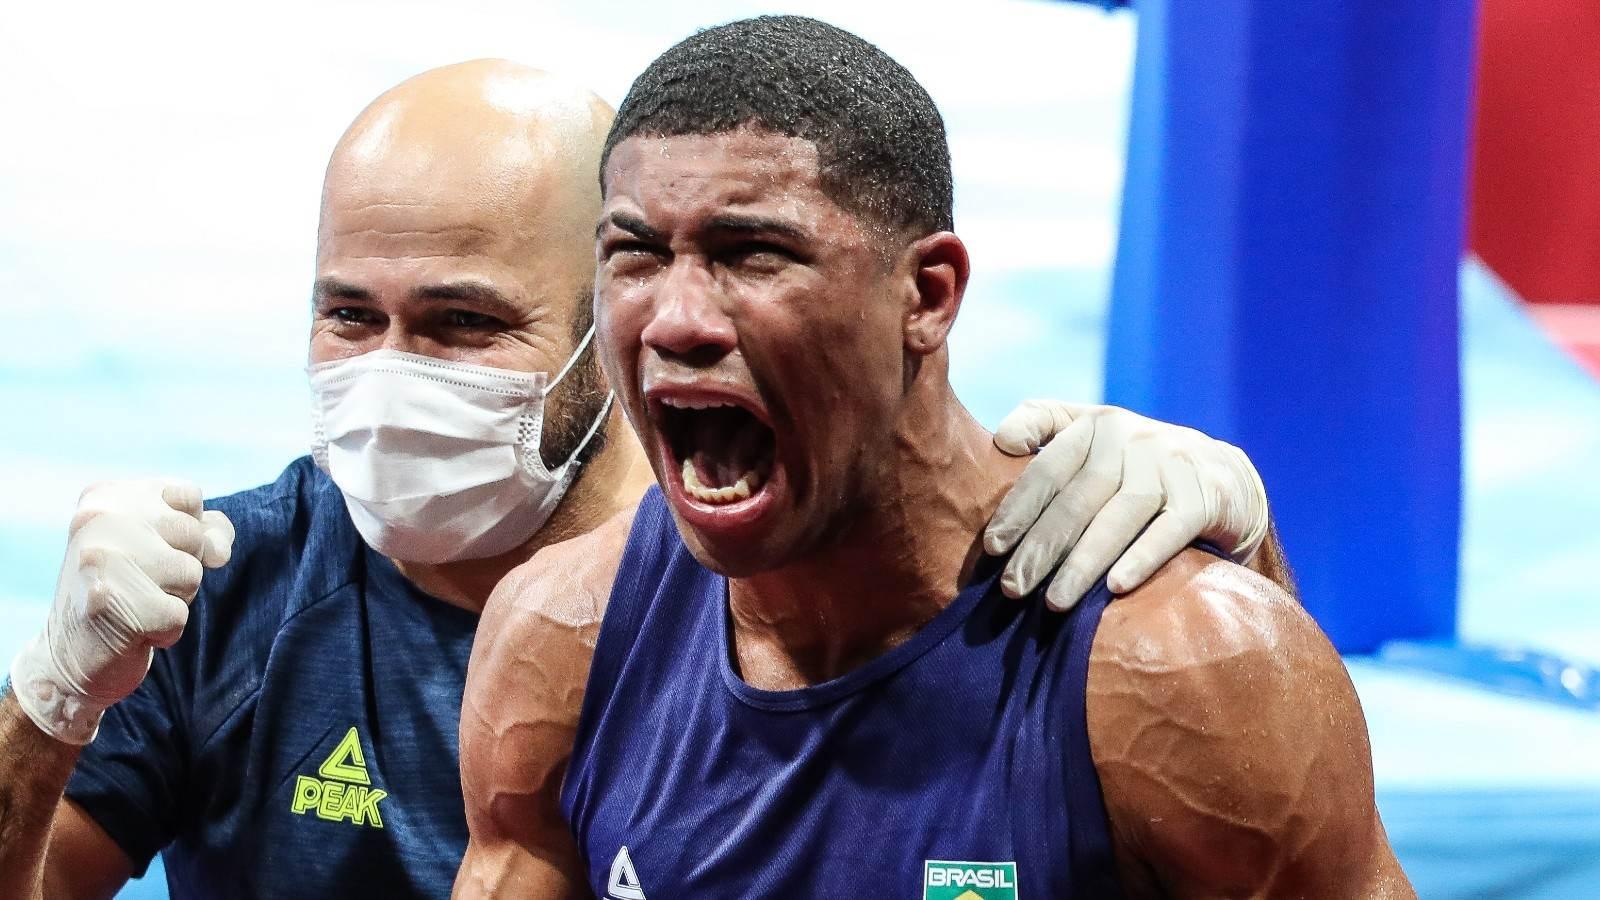 Hebert Conceição comemora a conquista do título olímpico no boxe em Tóquio